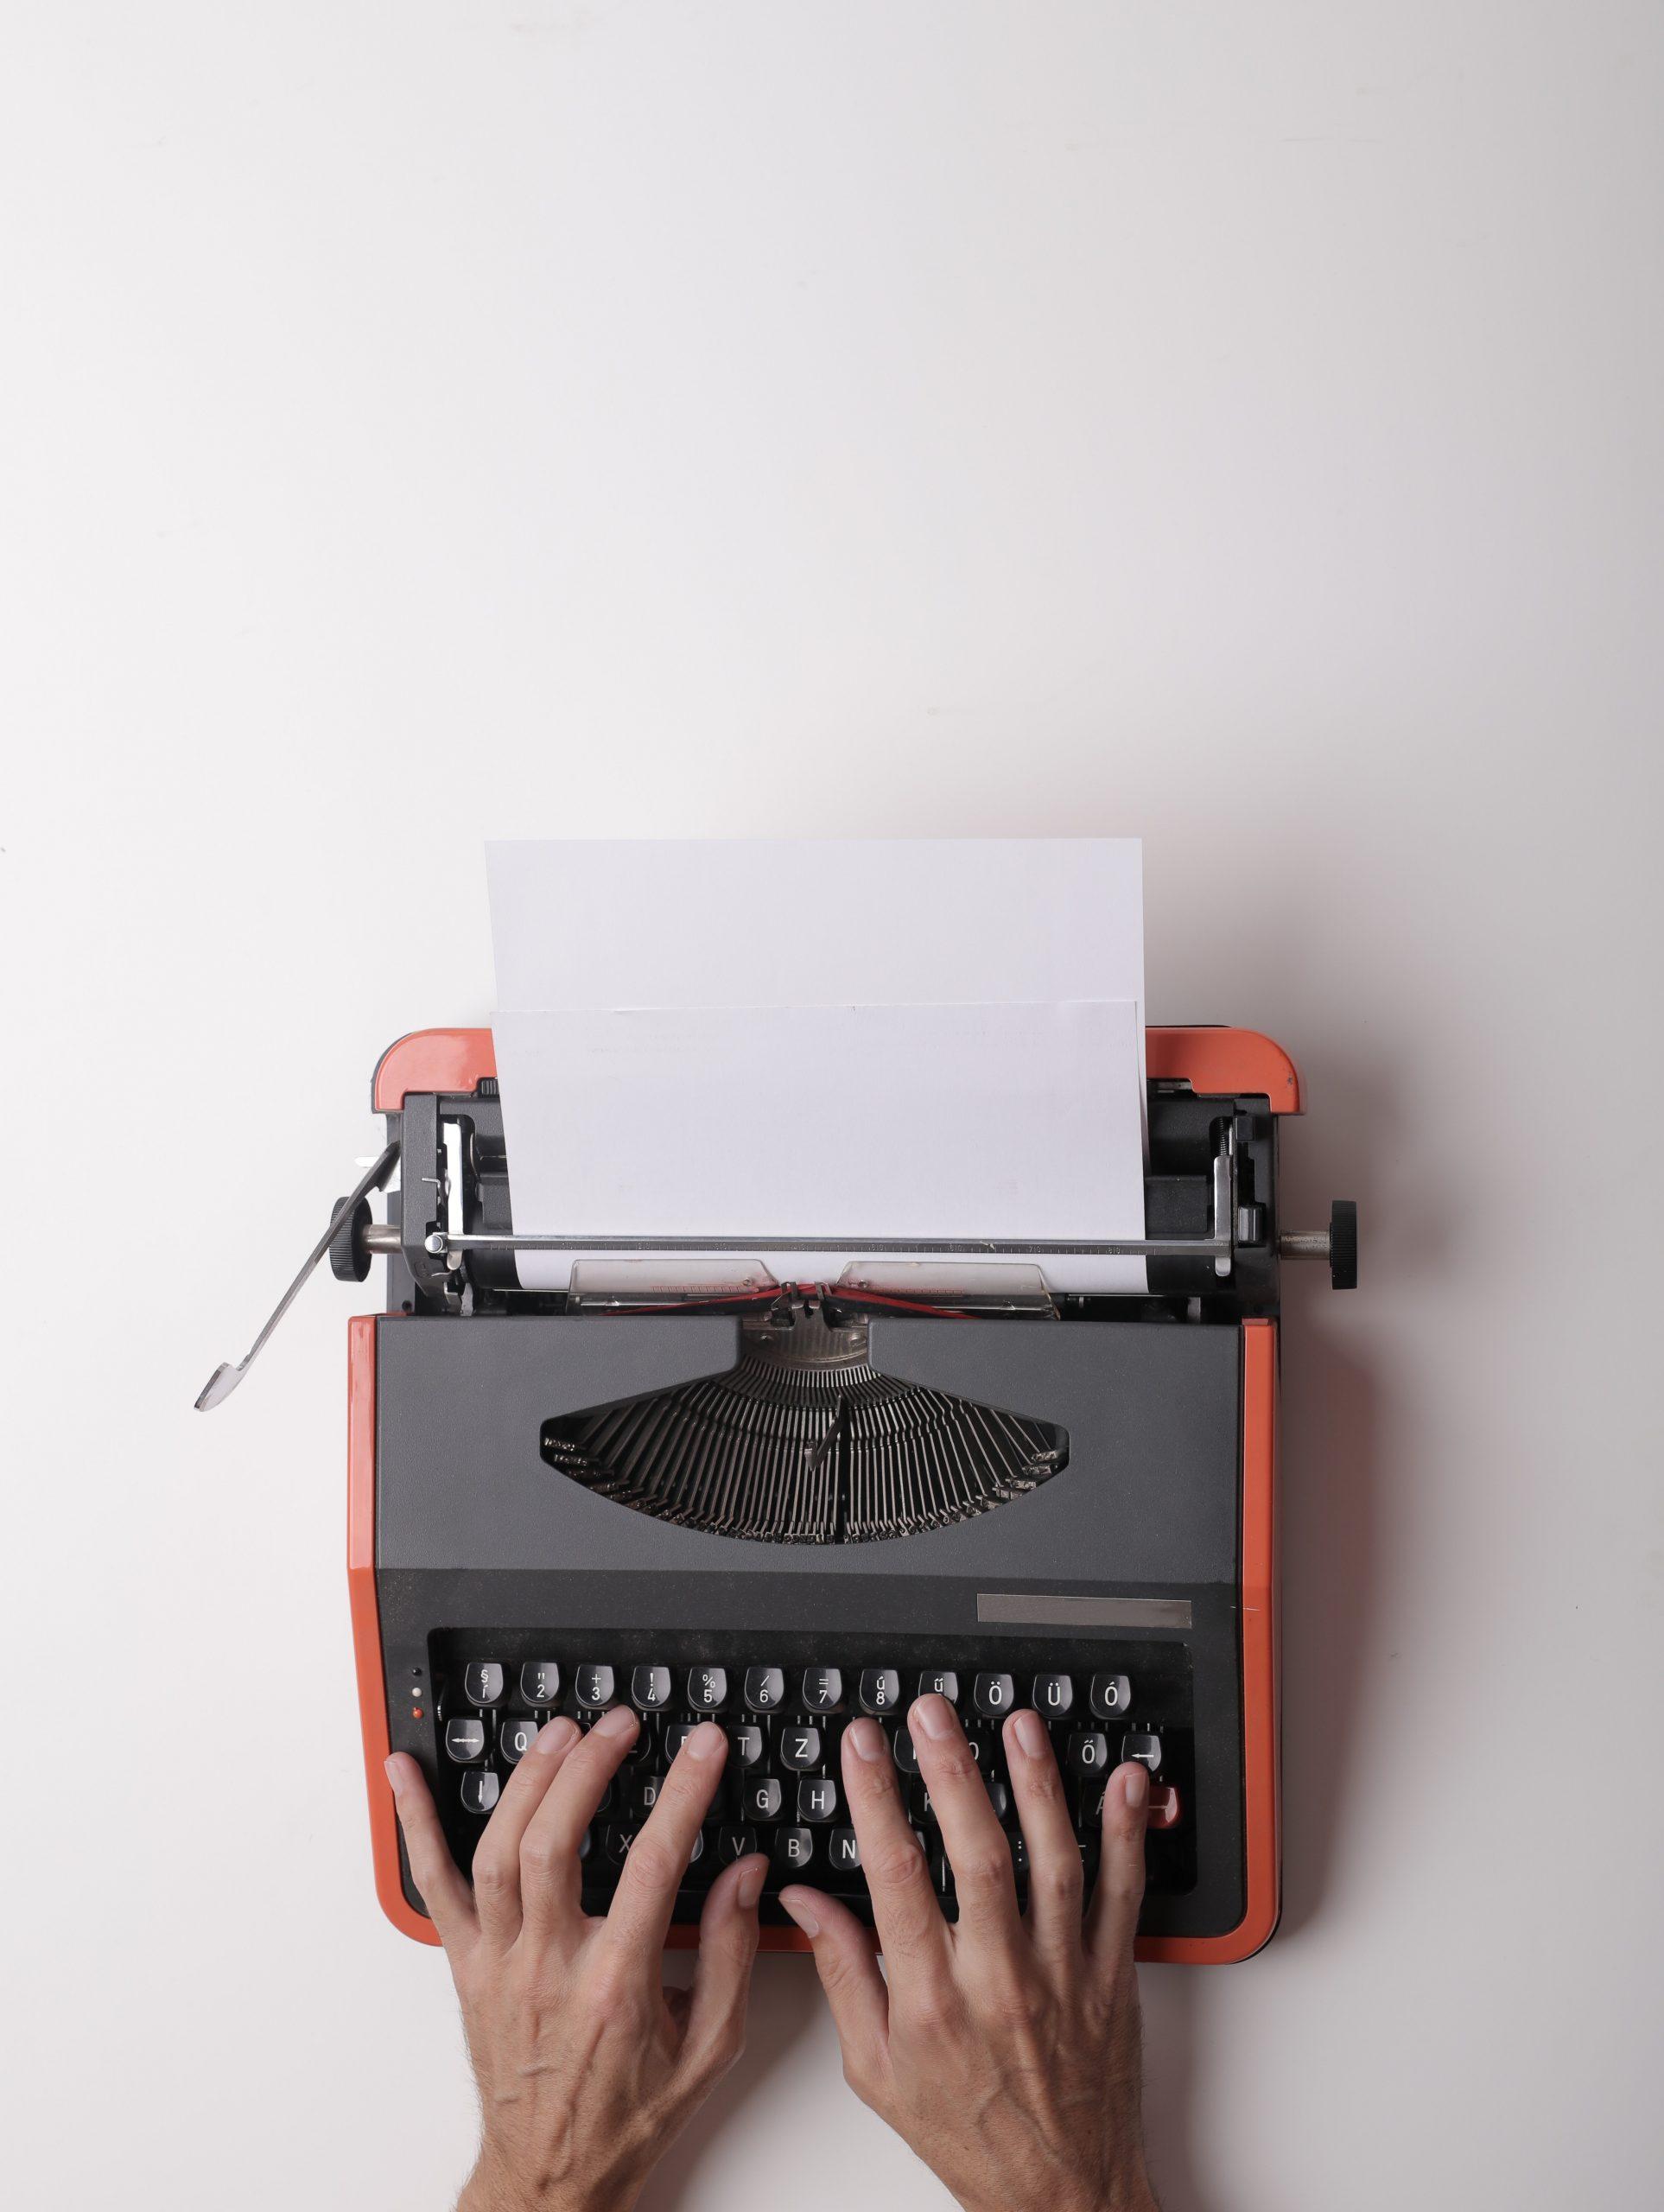 writer-working-on-typewriter-in-office-3808904